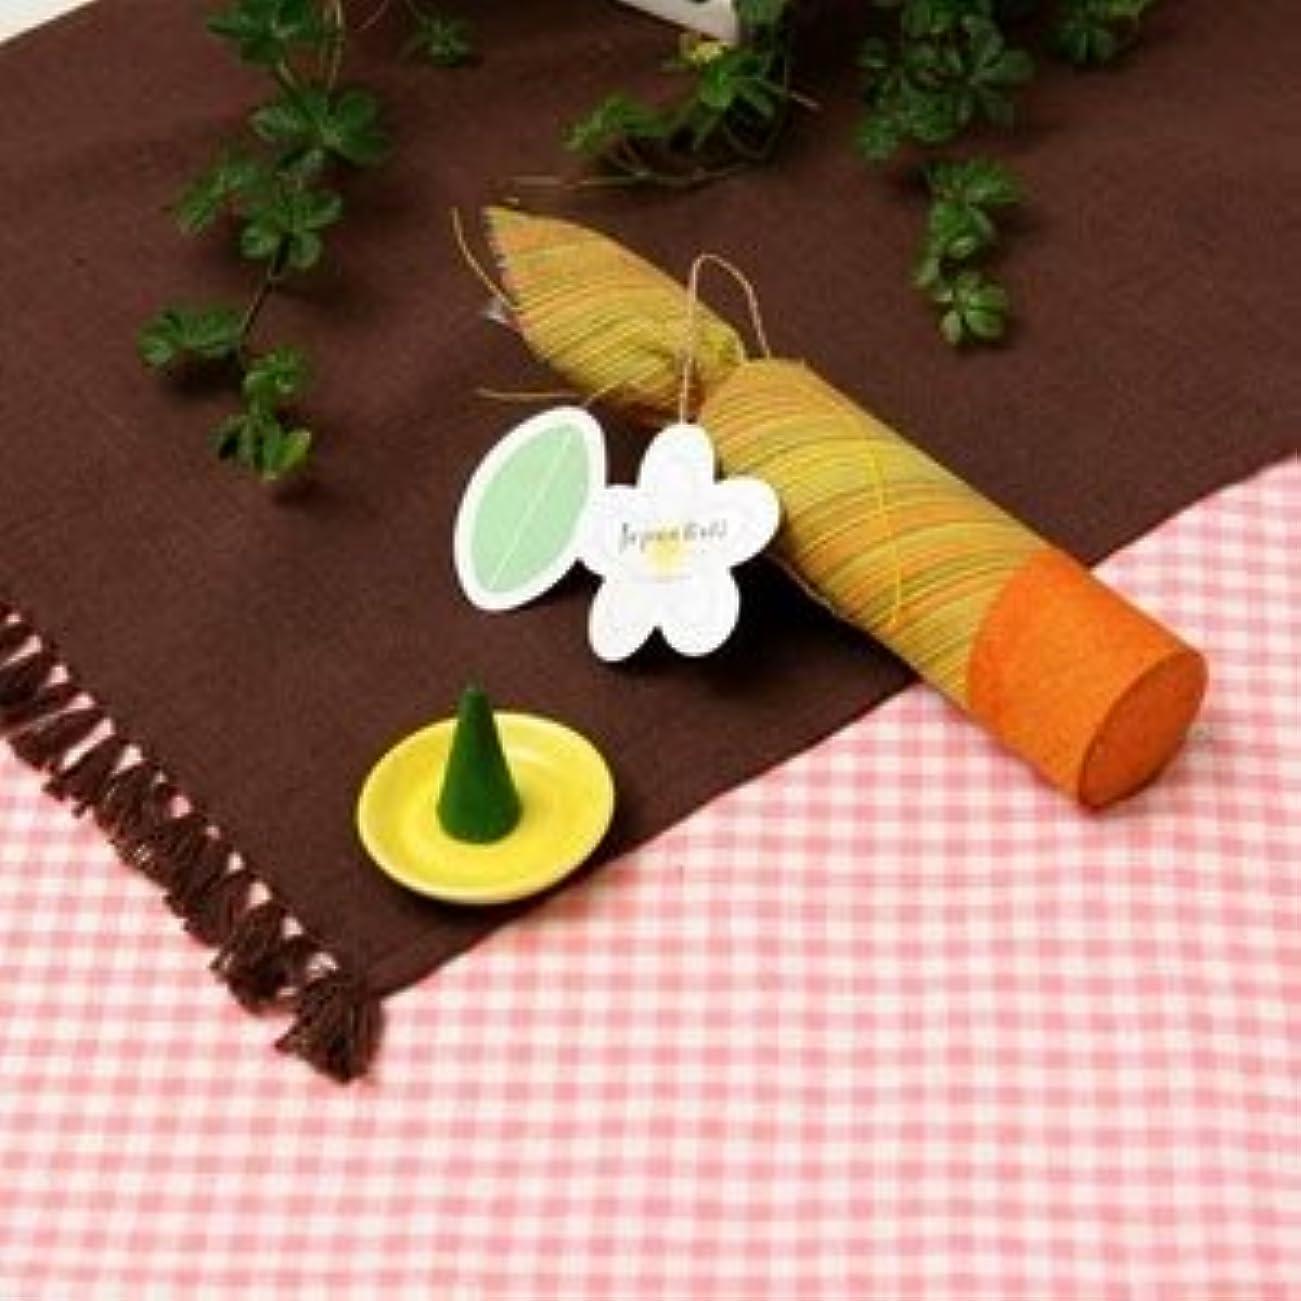 木製松明月お香/インセンス 【フランジパニの香り コーンタイプ10個入り】 バリ島製 「Jupen Bari/ジュプンバリ」 ds-128857